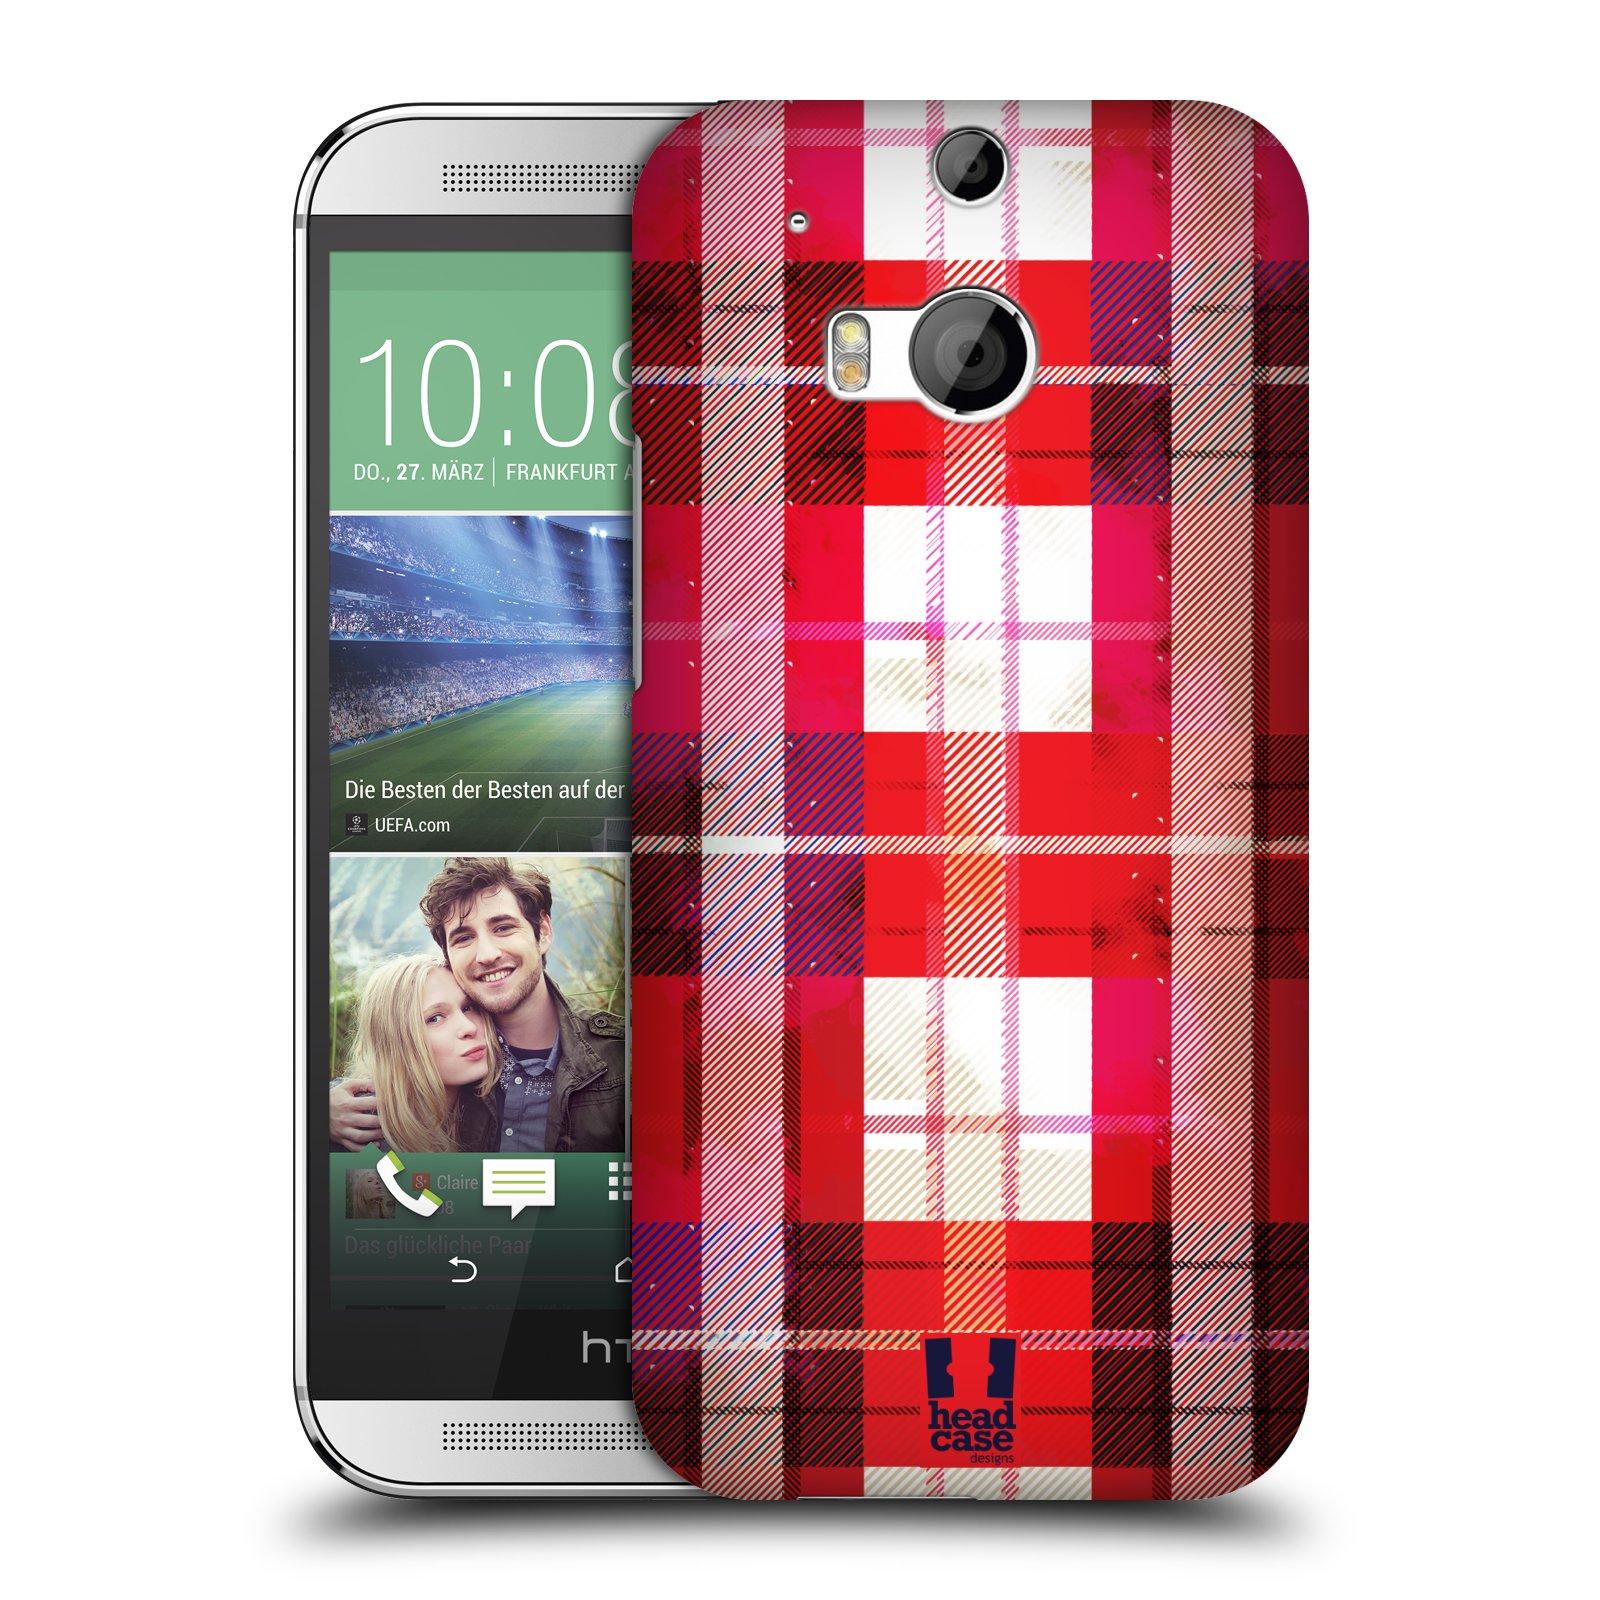 Plastové pouzdro na mobil HTC ONE M8 HEAD CASE FLANEL RED (Kryt či obal na mobilní telefon HTC ONE M8)